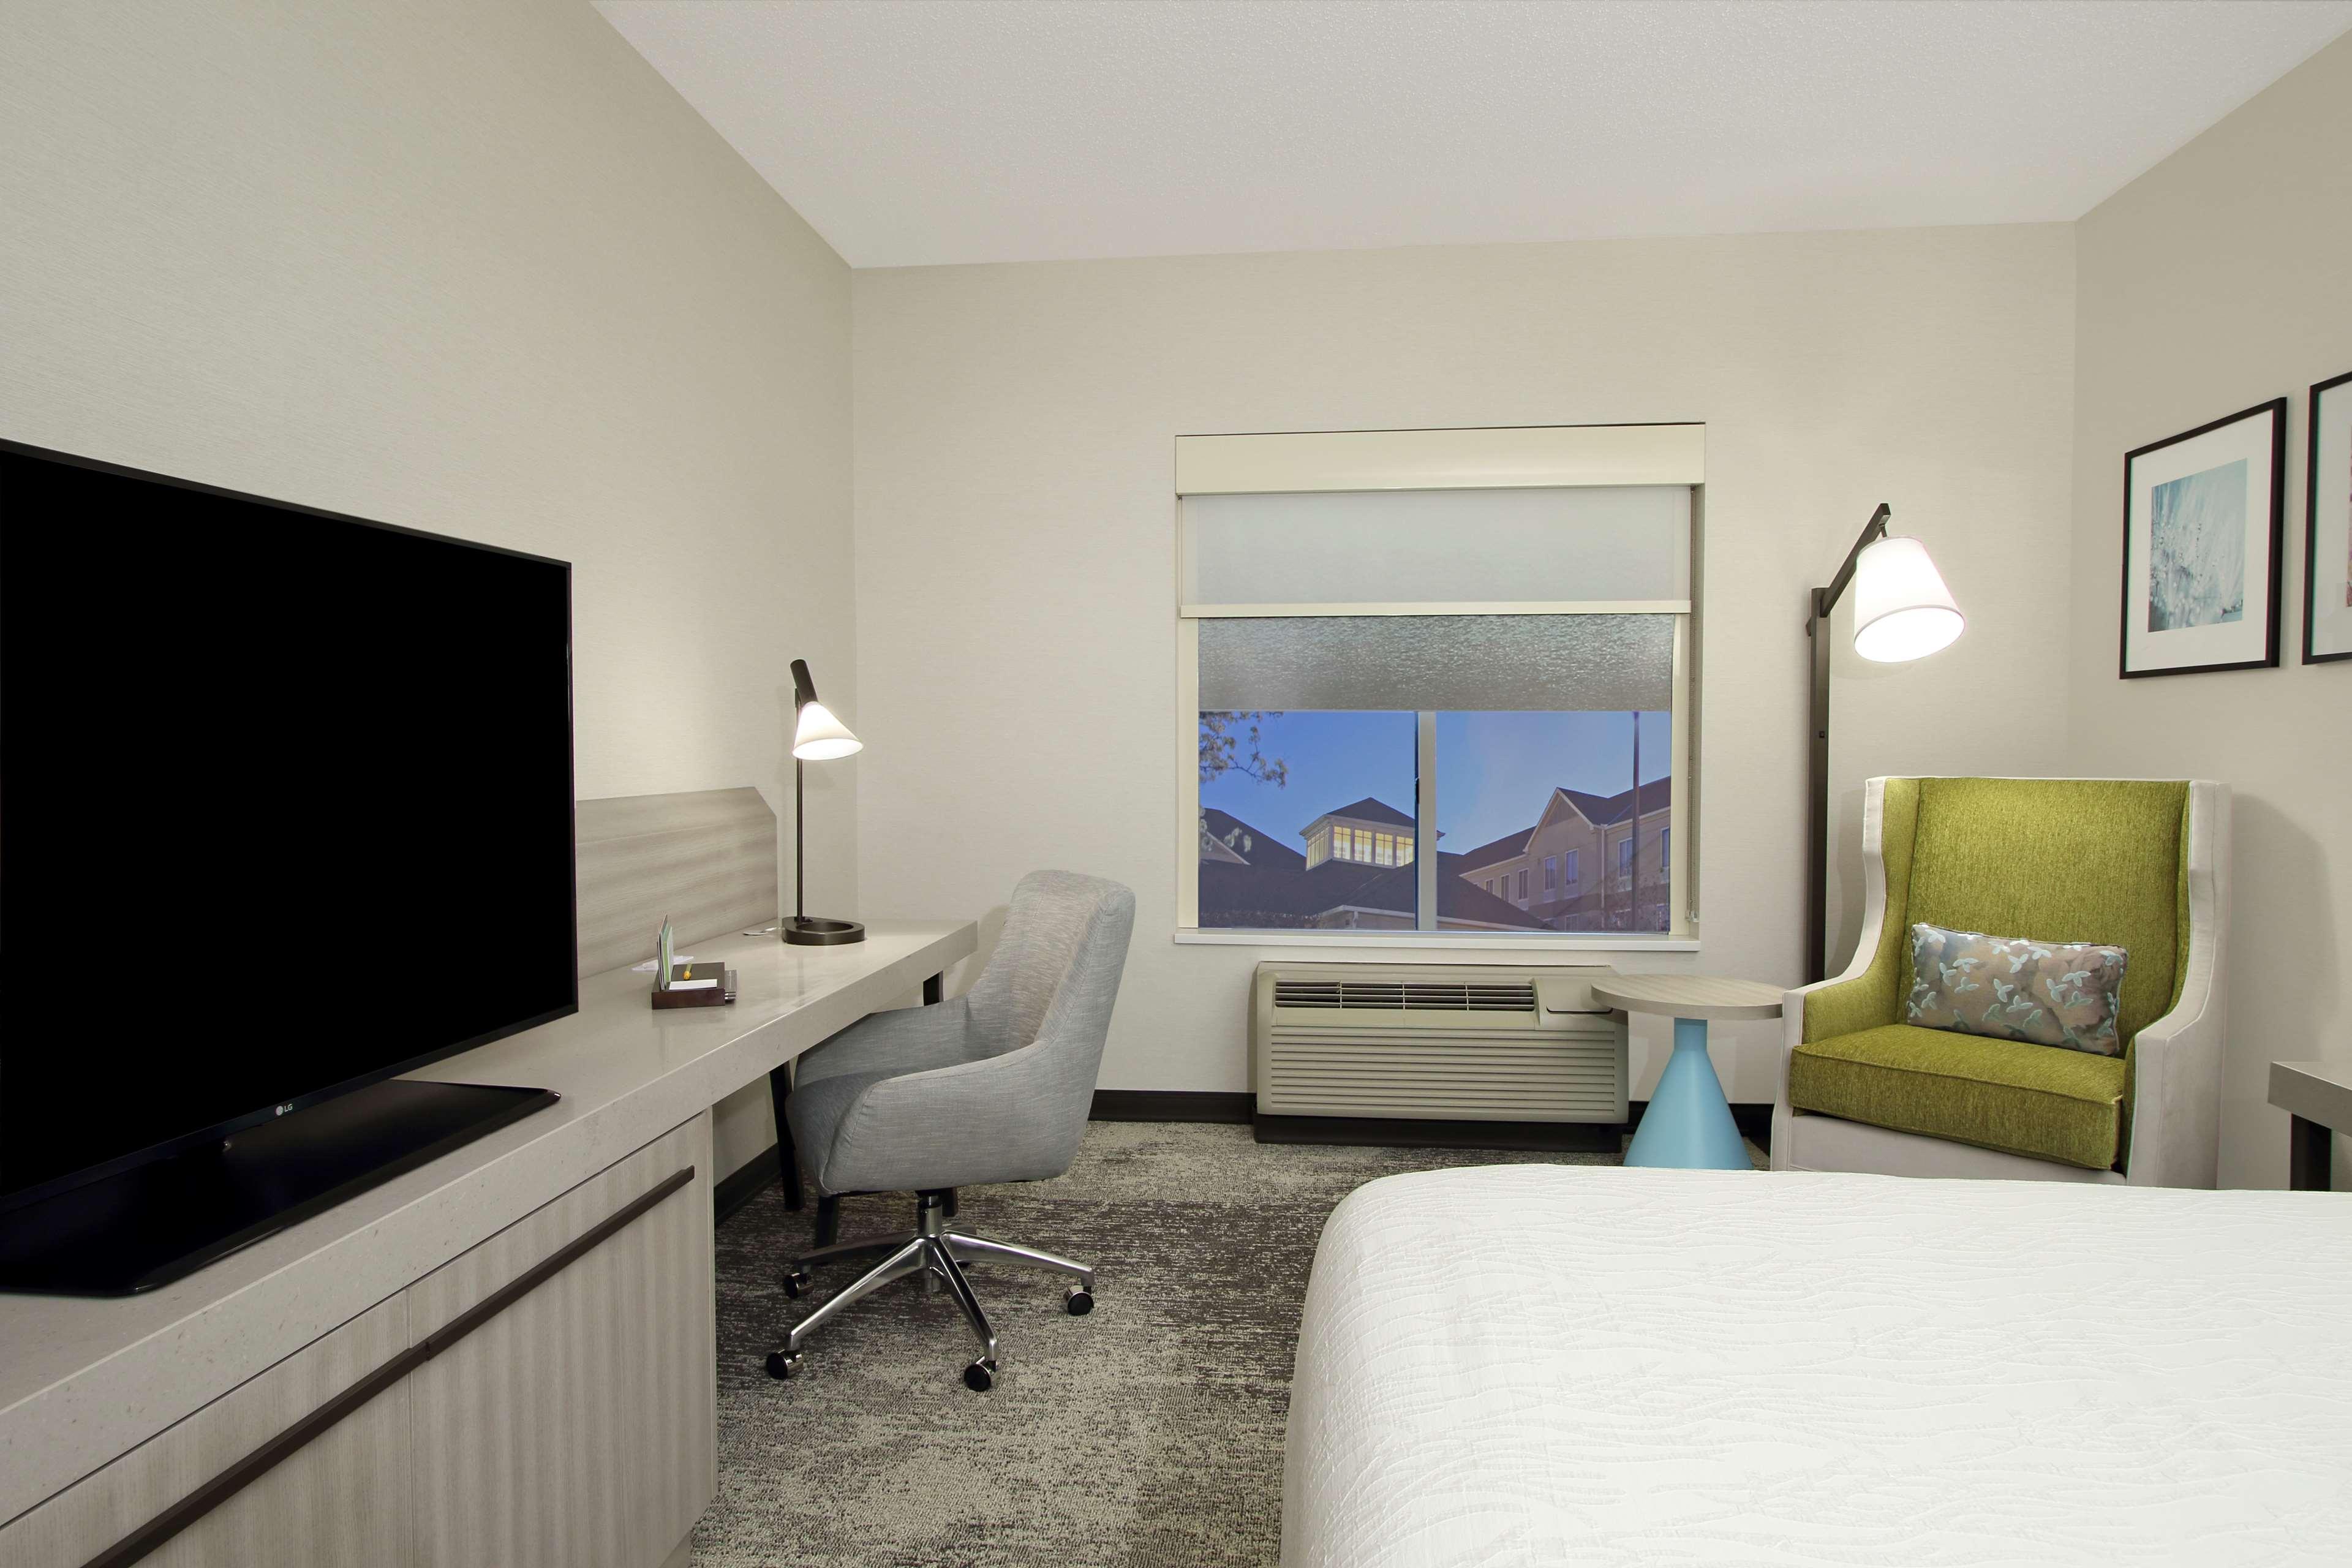 Hilton Garden Inn Columbus-University Area image 33